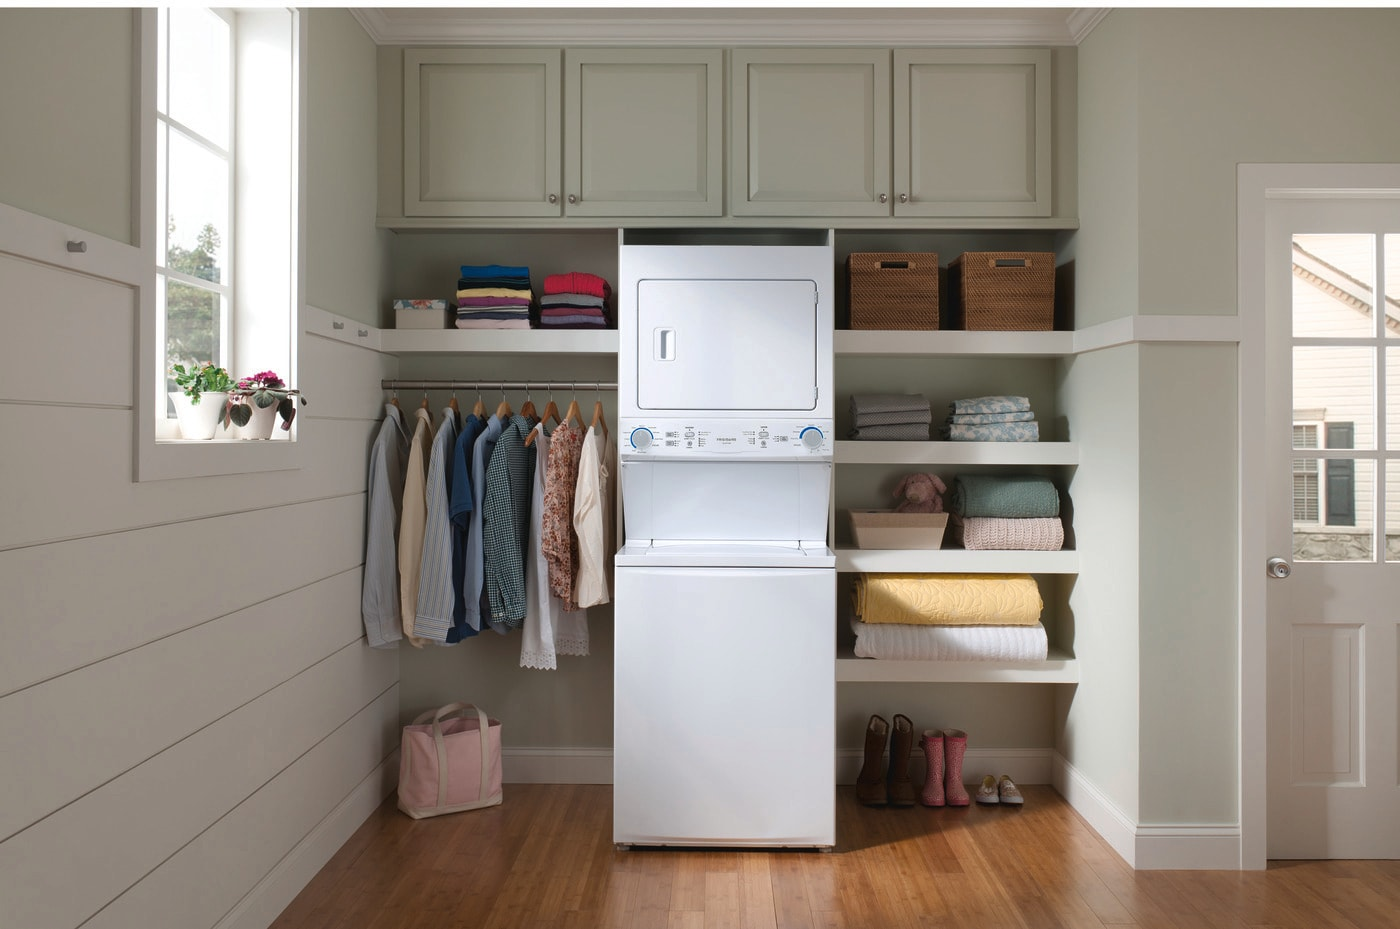 Lavadora / secadora eléctrica Centro de lavandería - 3.9 Cu.  Lavadora de pies y 5.5 Cu.  Pie.  Secadora Blanca FLCE7522AW